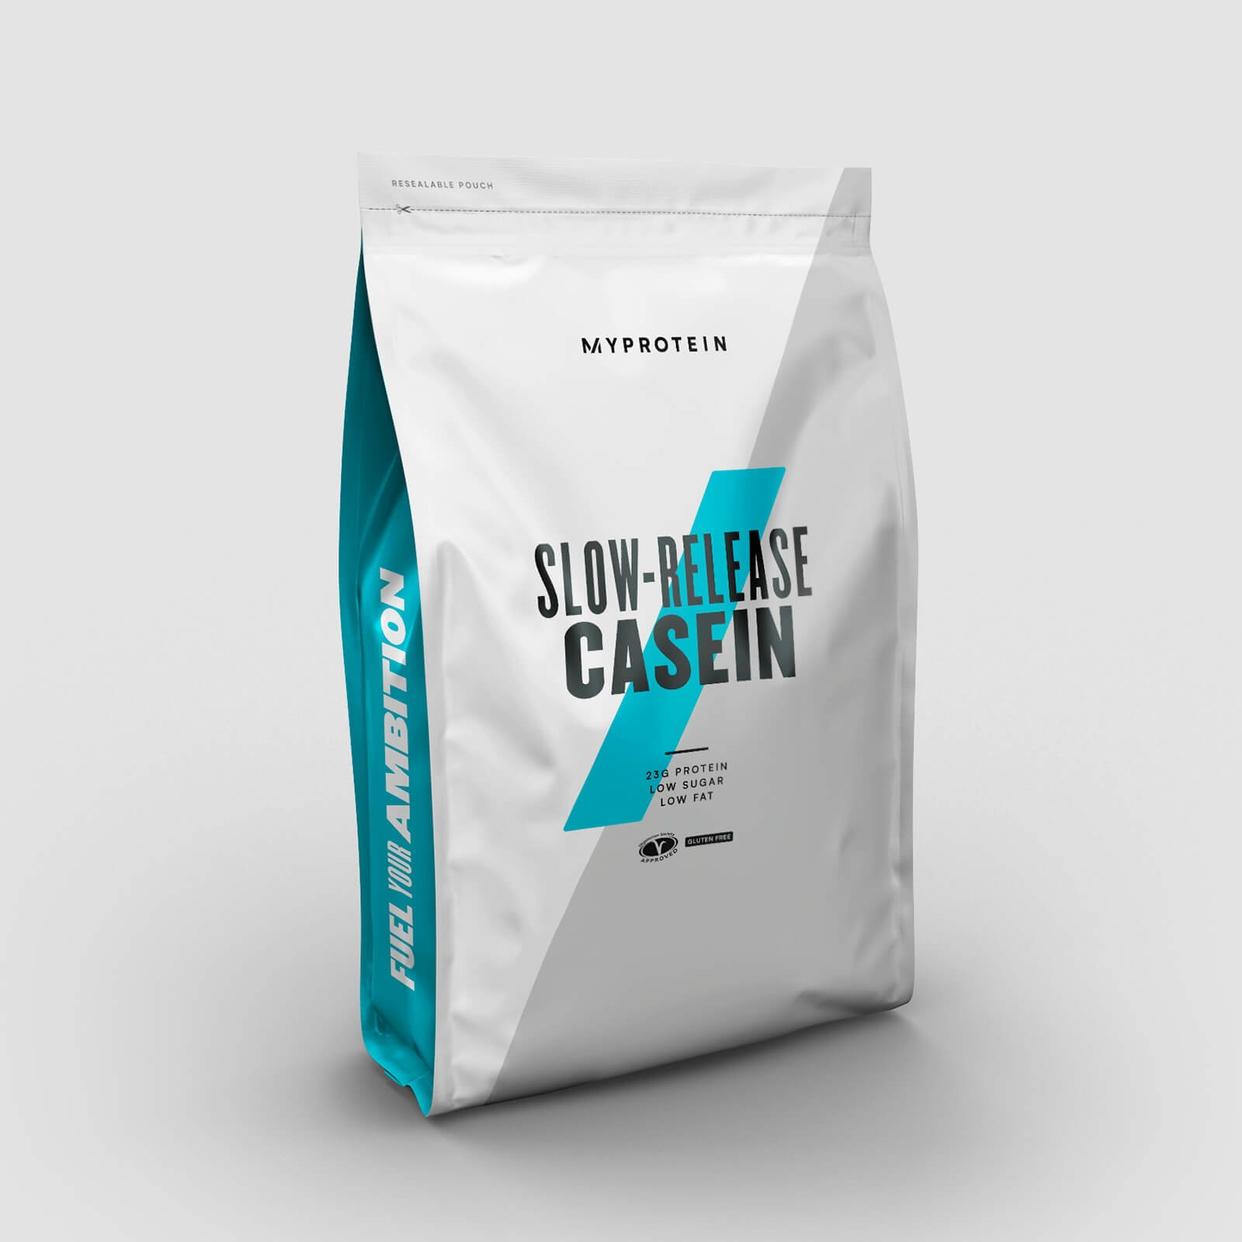 Myprotein(マイプロテイン) スロー リリース カゼインの商品画像2